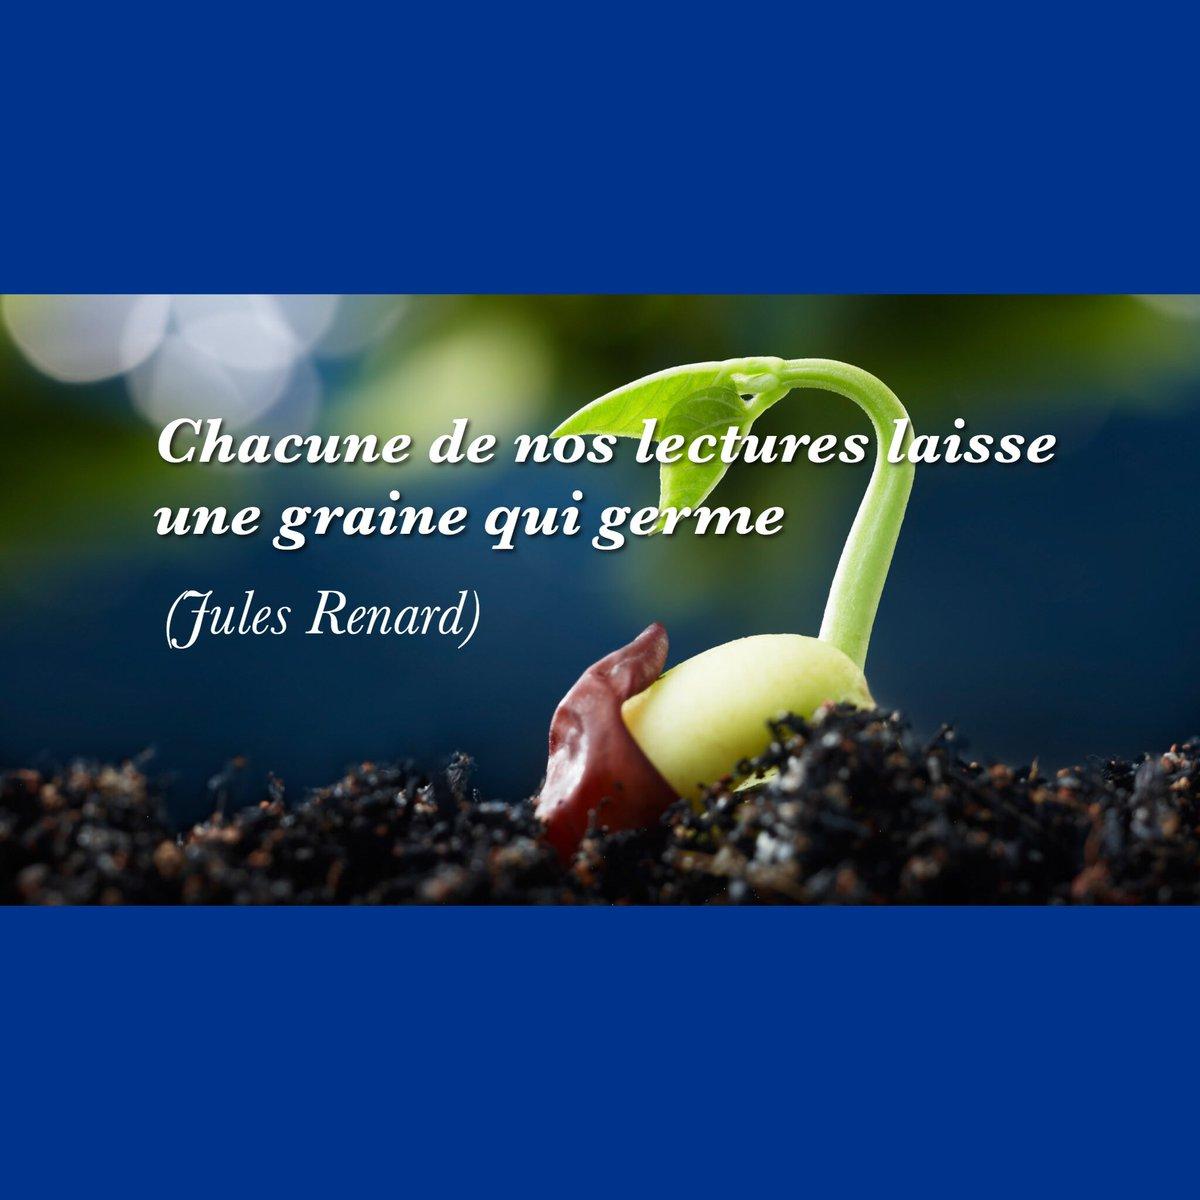 Bon samedi et bon week-end ! #lecture #bonheur #renard #zen #optimisme #yolo<br>http://pic.twitter.com/X7dfH2wxoi